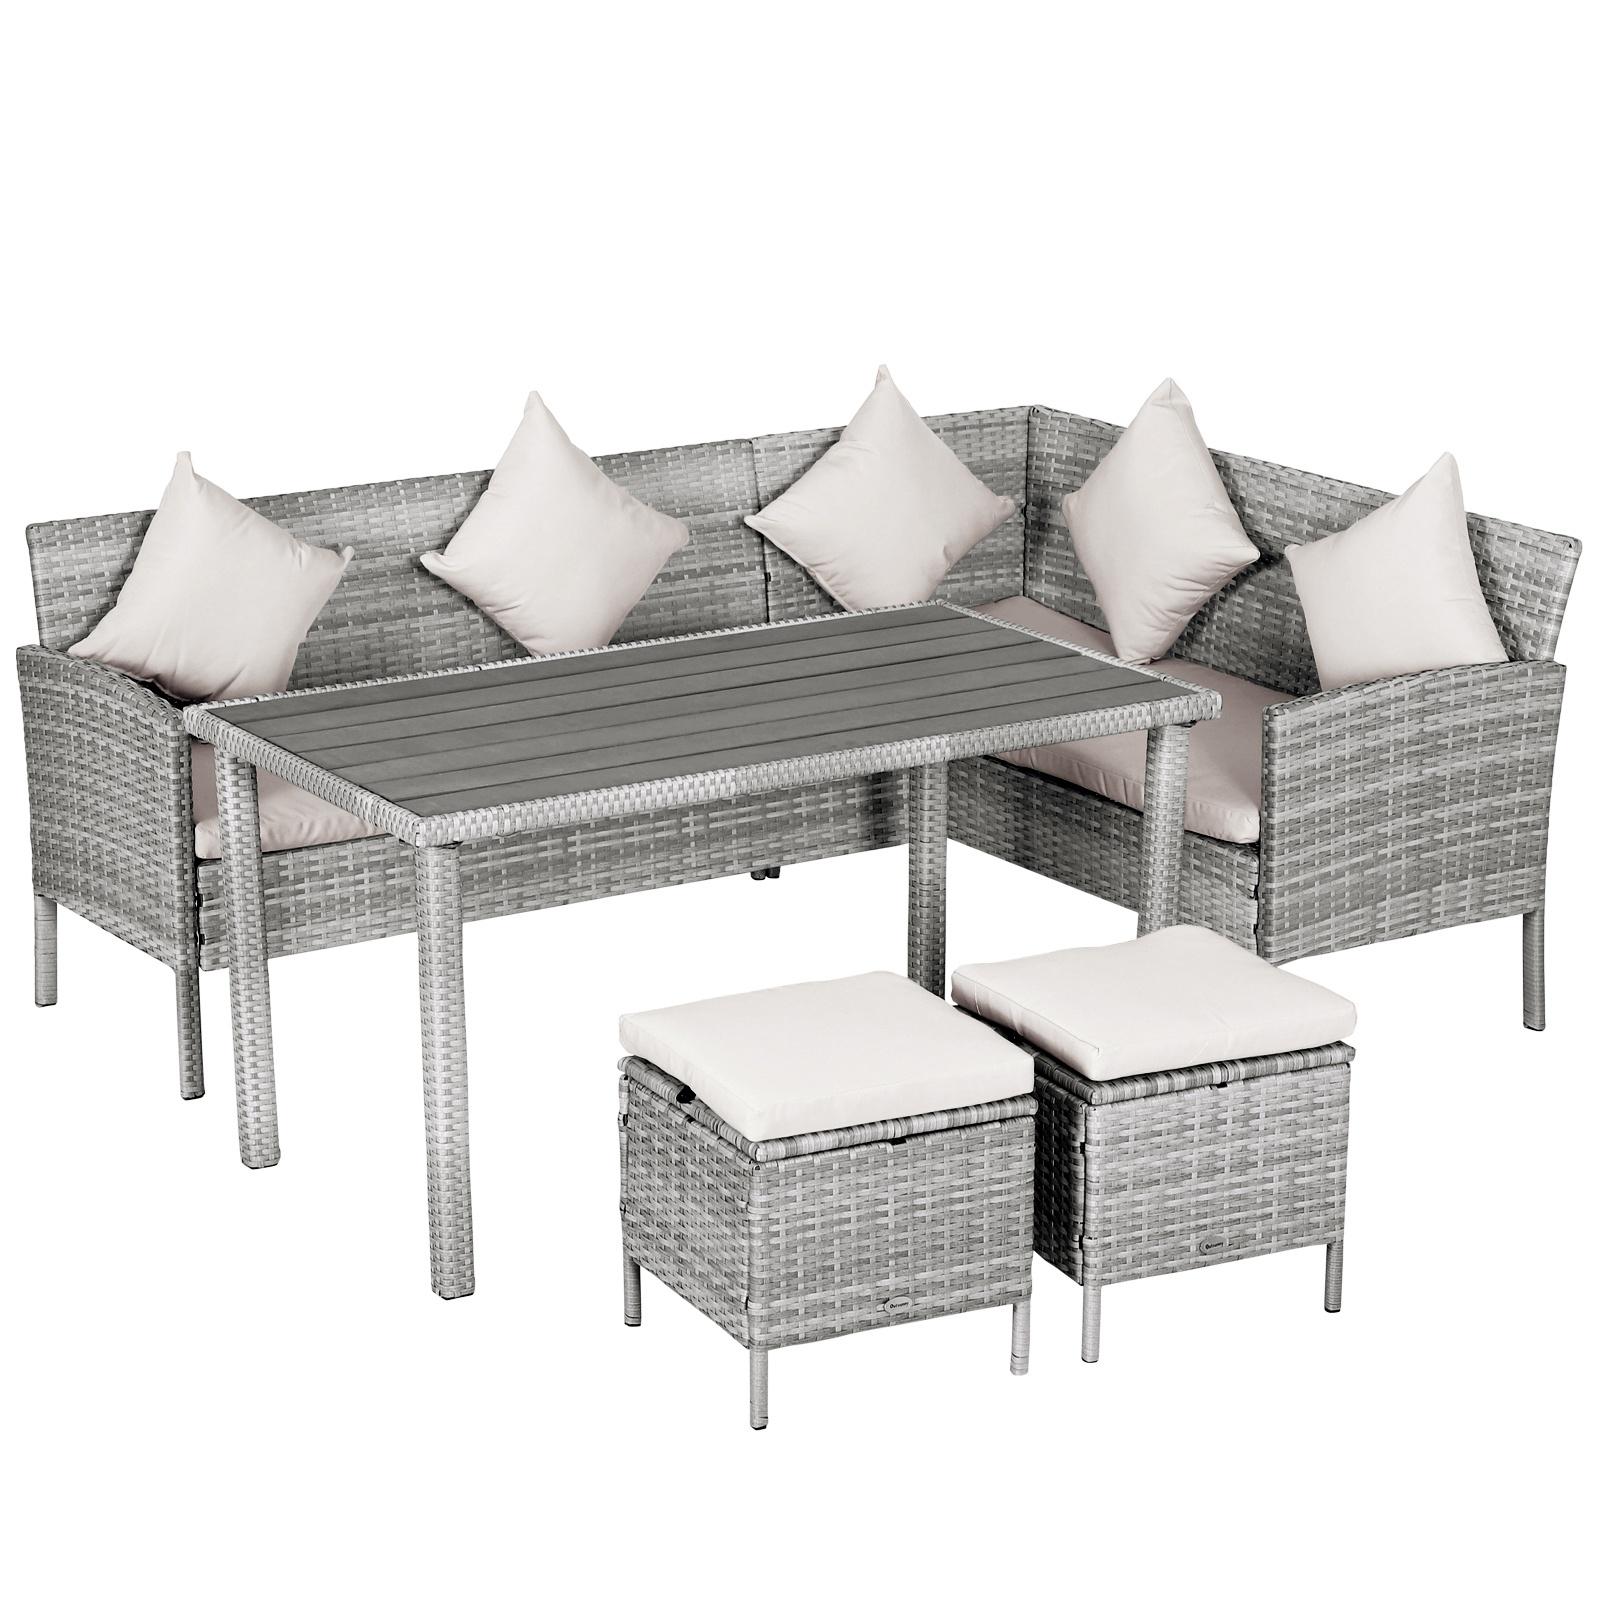 Salon de jardin 6 pers. canapé d'angle + 2 poufs + table à manger résine tressée gris